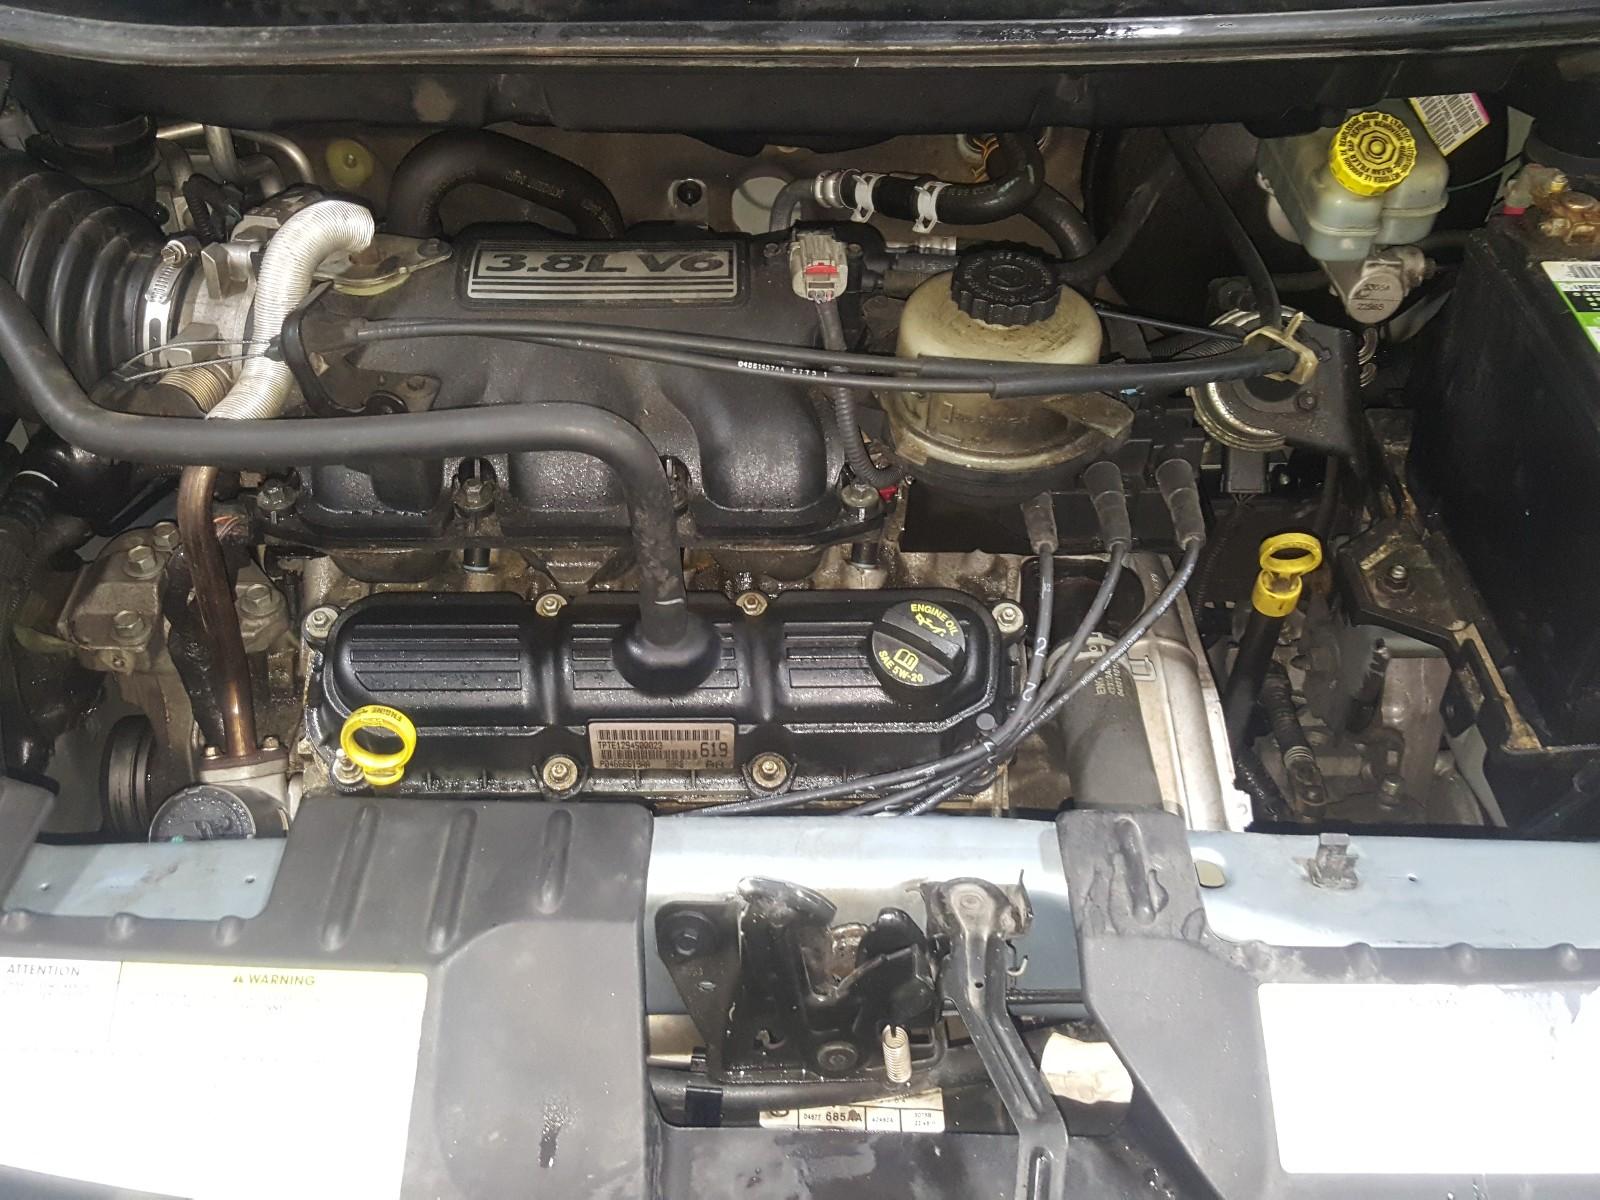 2A4GP54L46R728232 - 2006 Chrysler Town & Cou 3.8L inside view